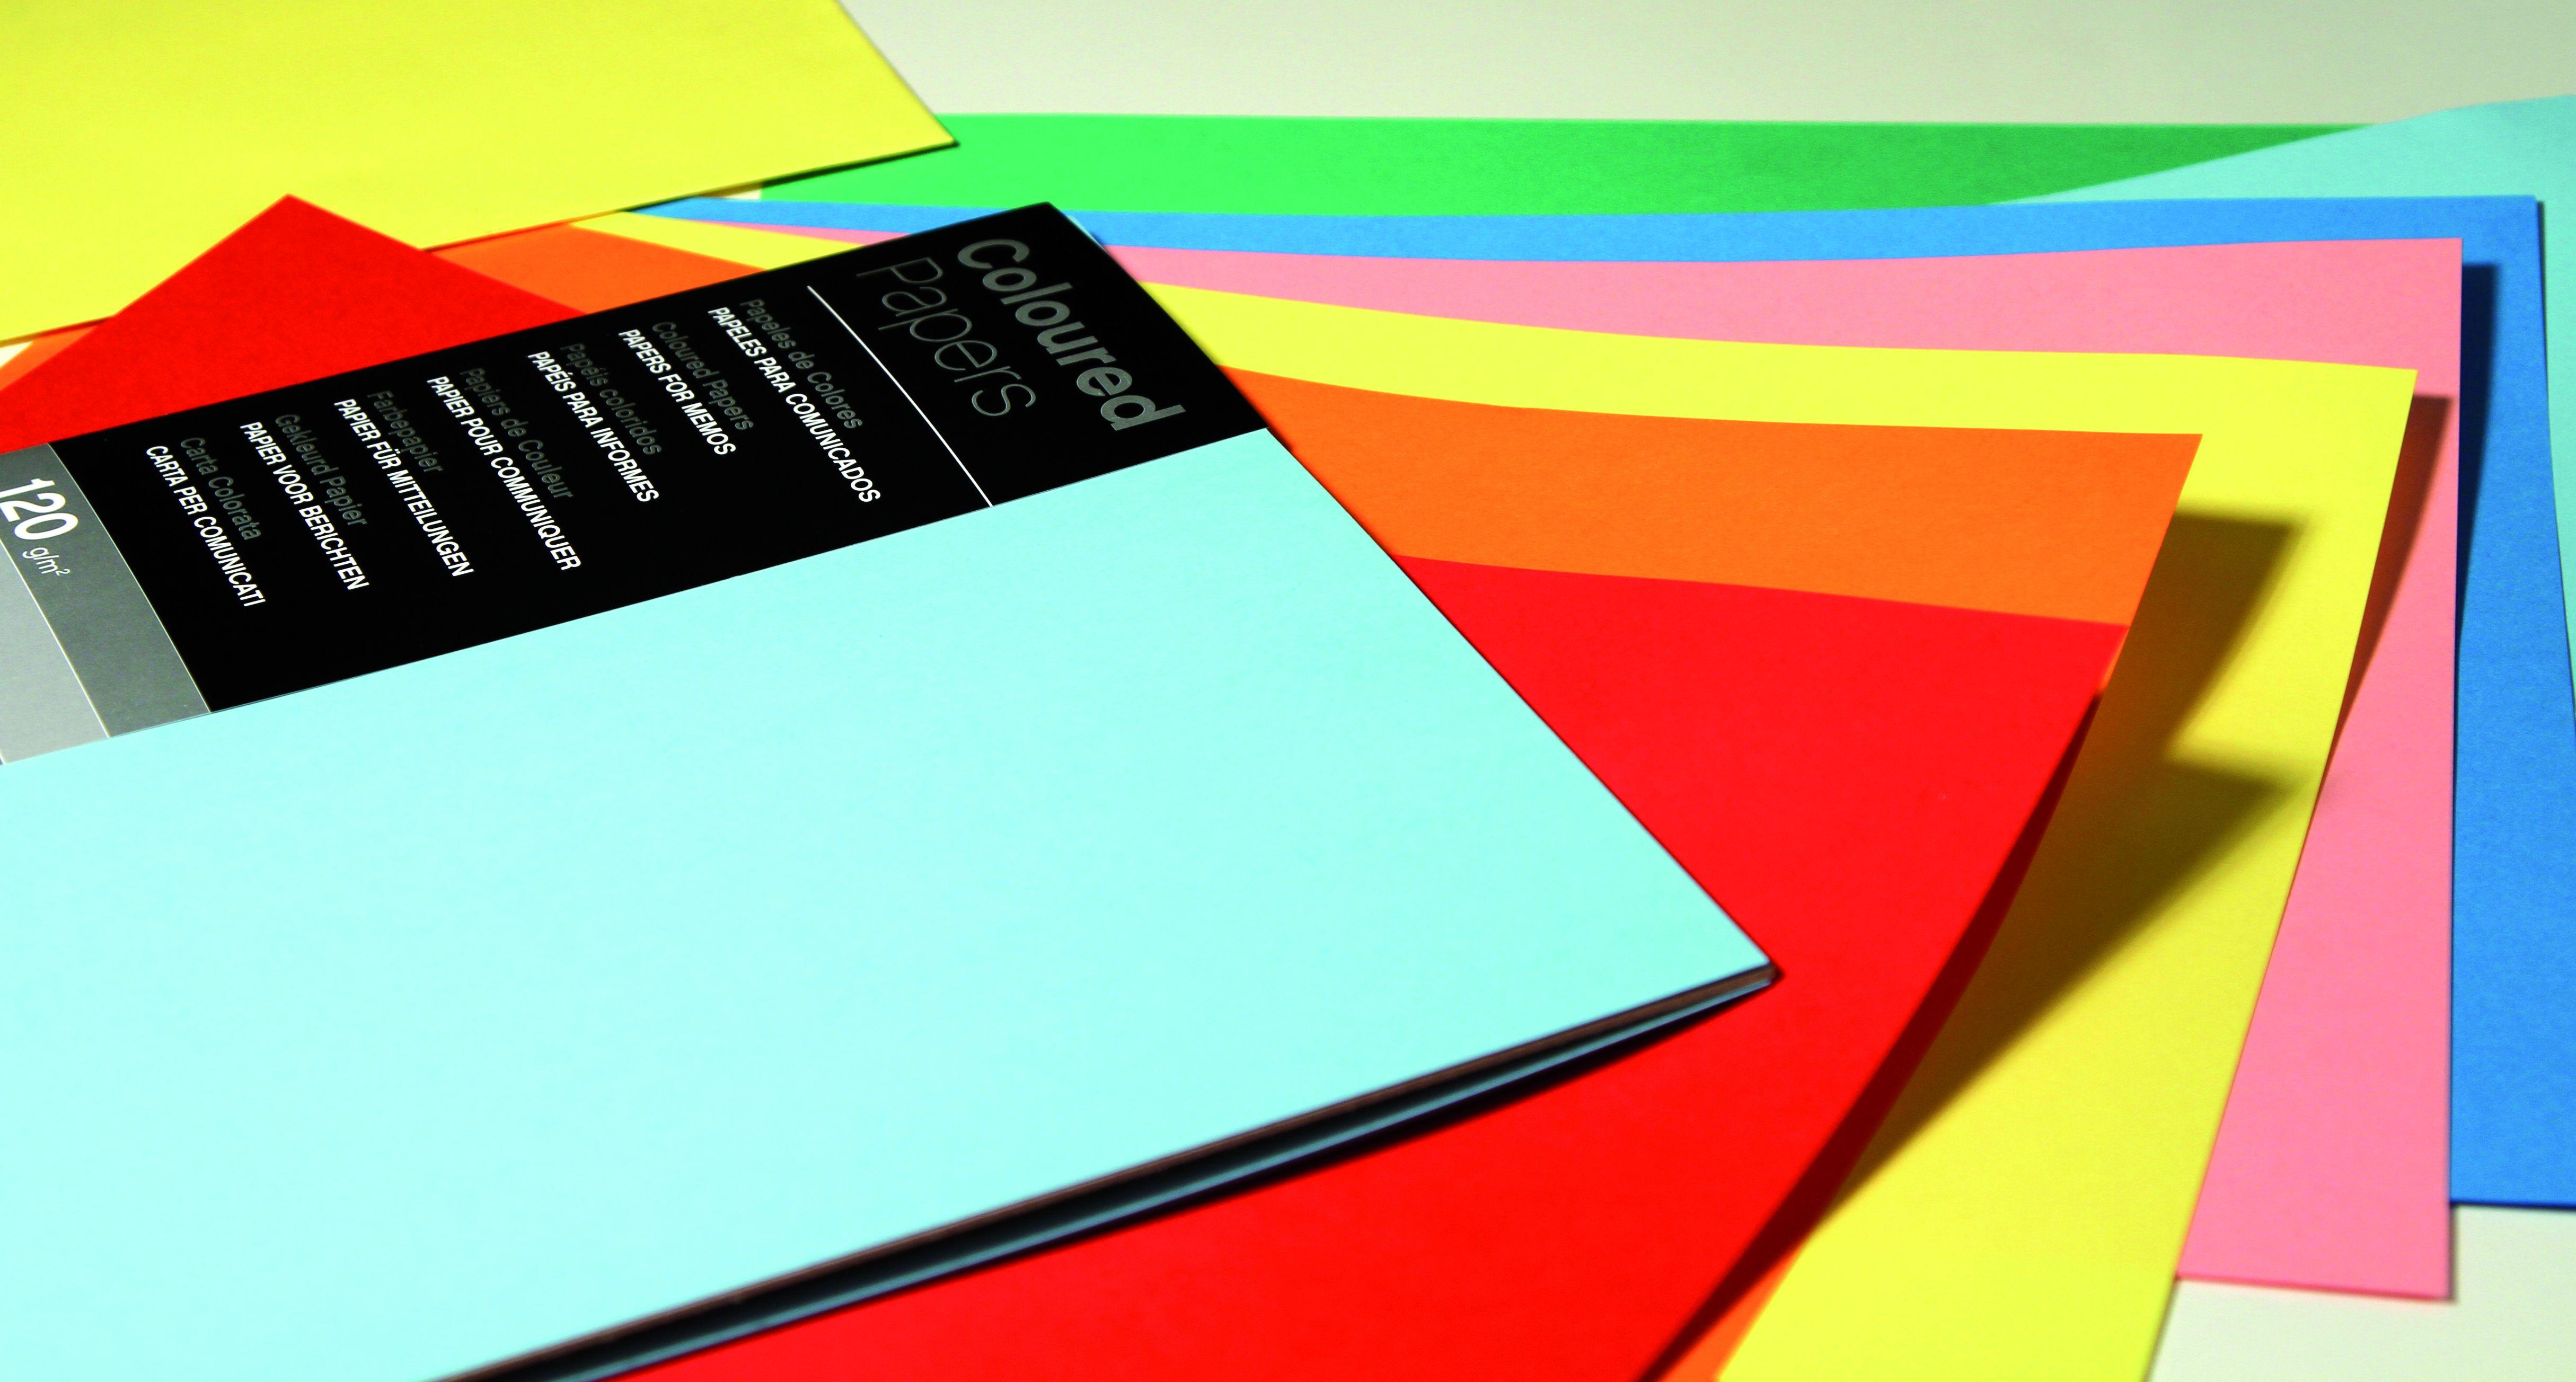 papier couleur 012180 papier couleur multi usage 012182 papier couleur multi usage 012183. Black Bedroom Furniture Sets. Home Design Ideas